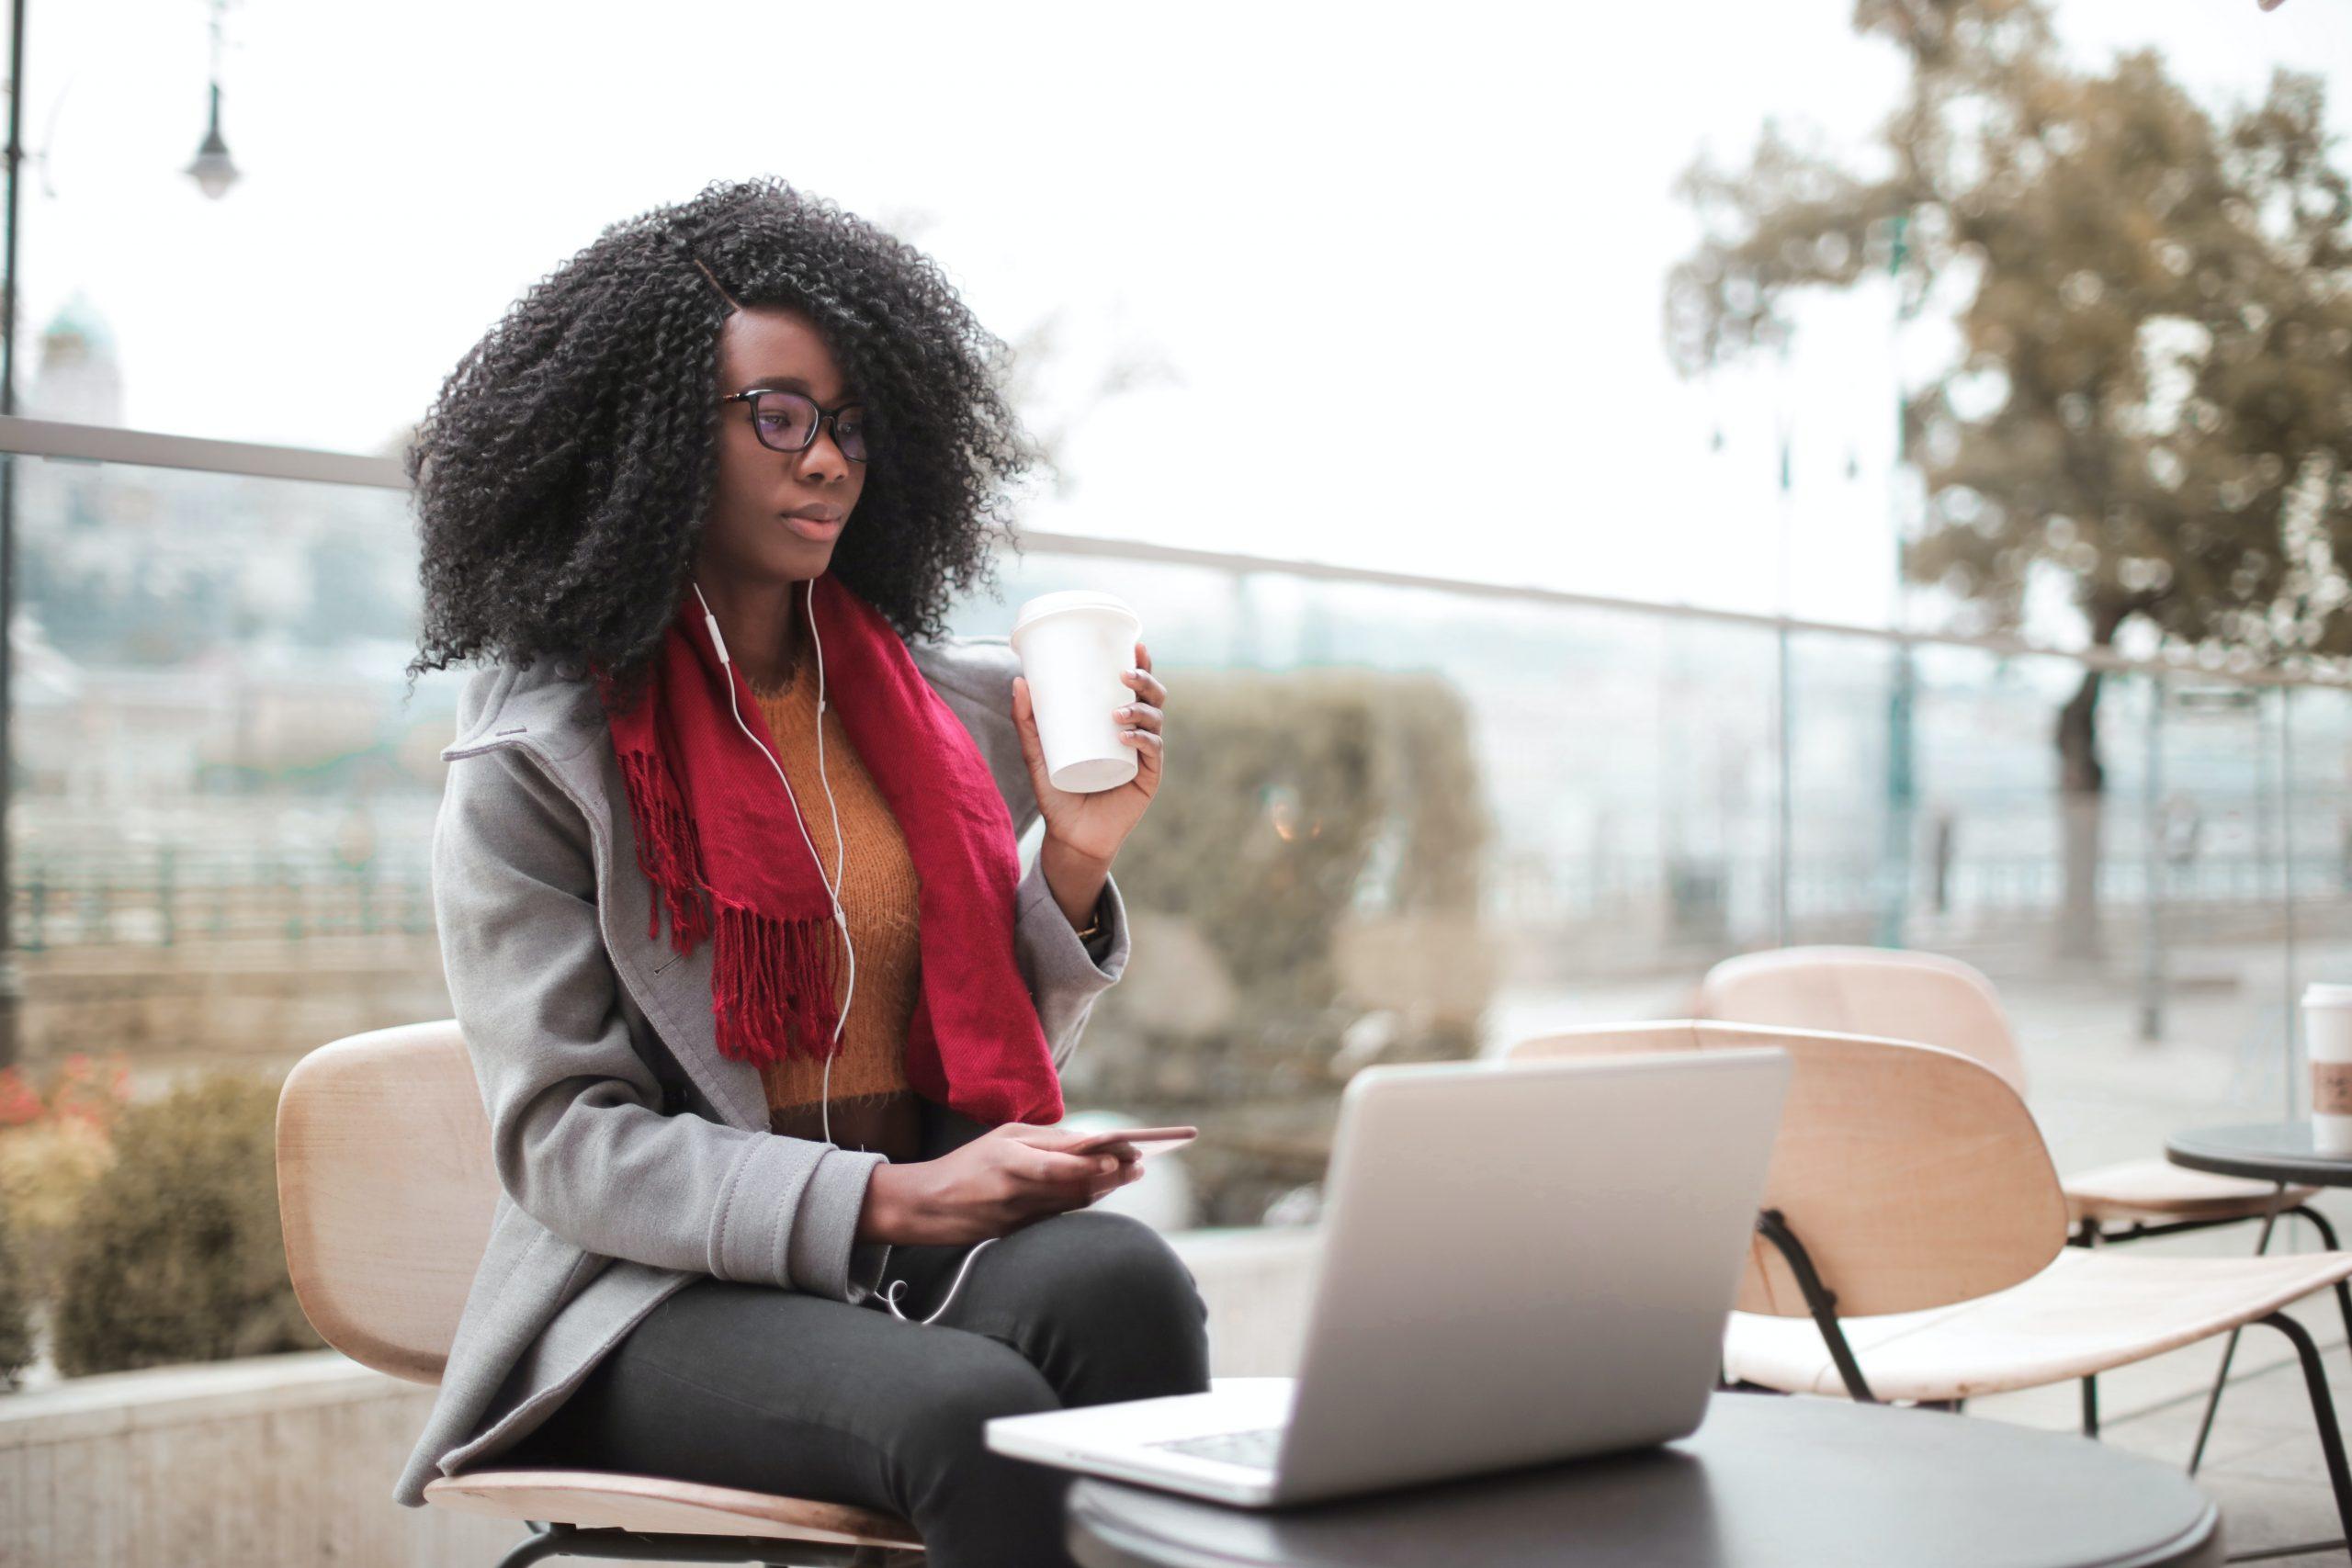 Mujer bebiendo café mientras trabaja al aire libre y con la otra mano sostiene un móvil